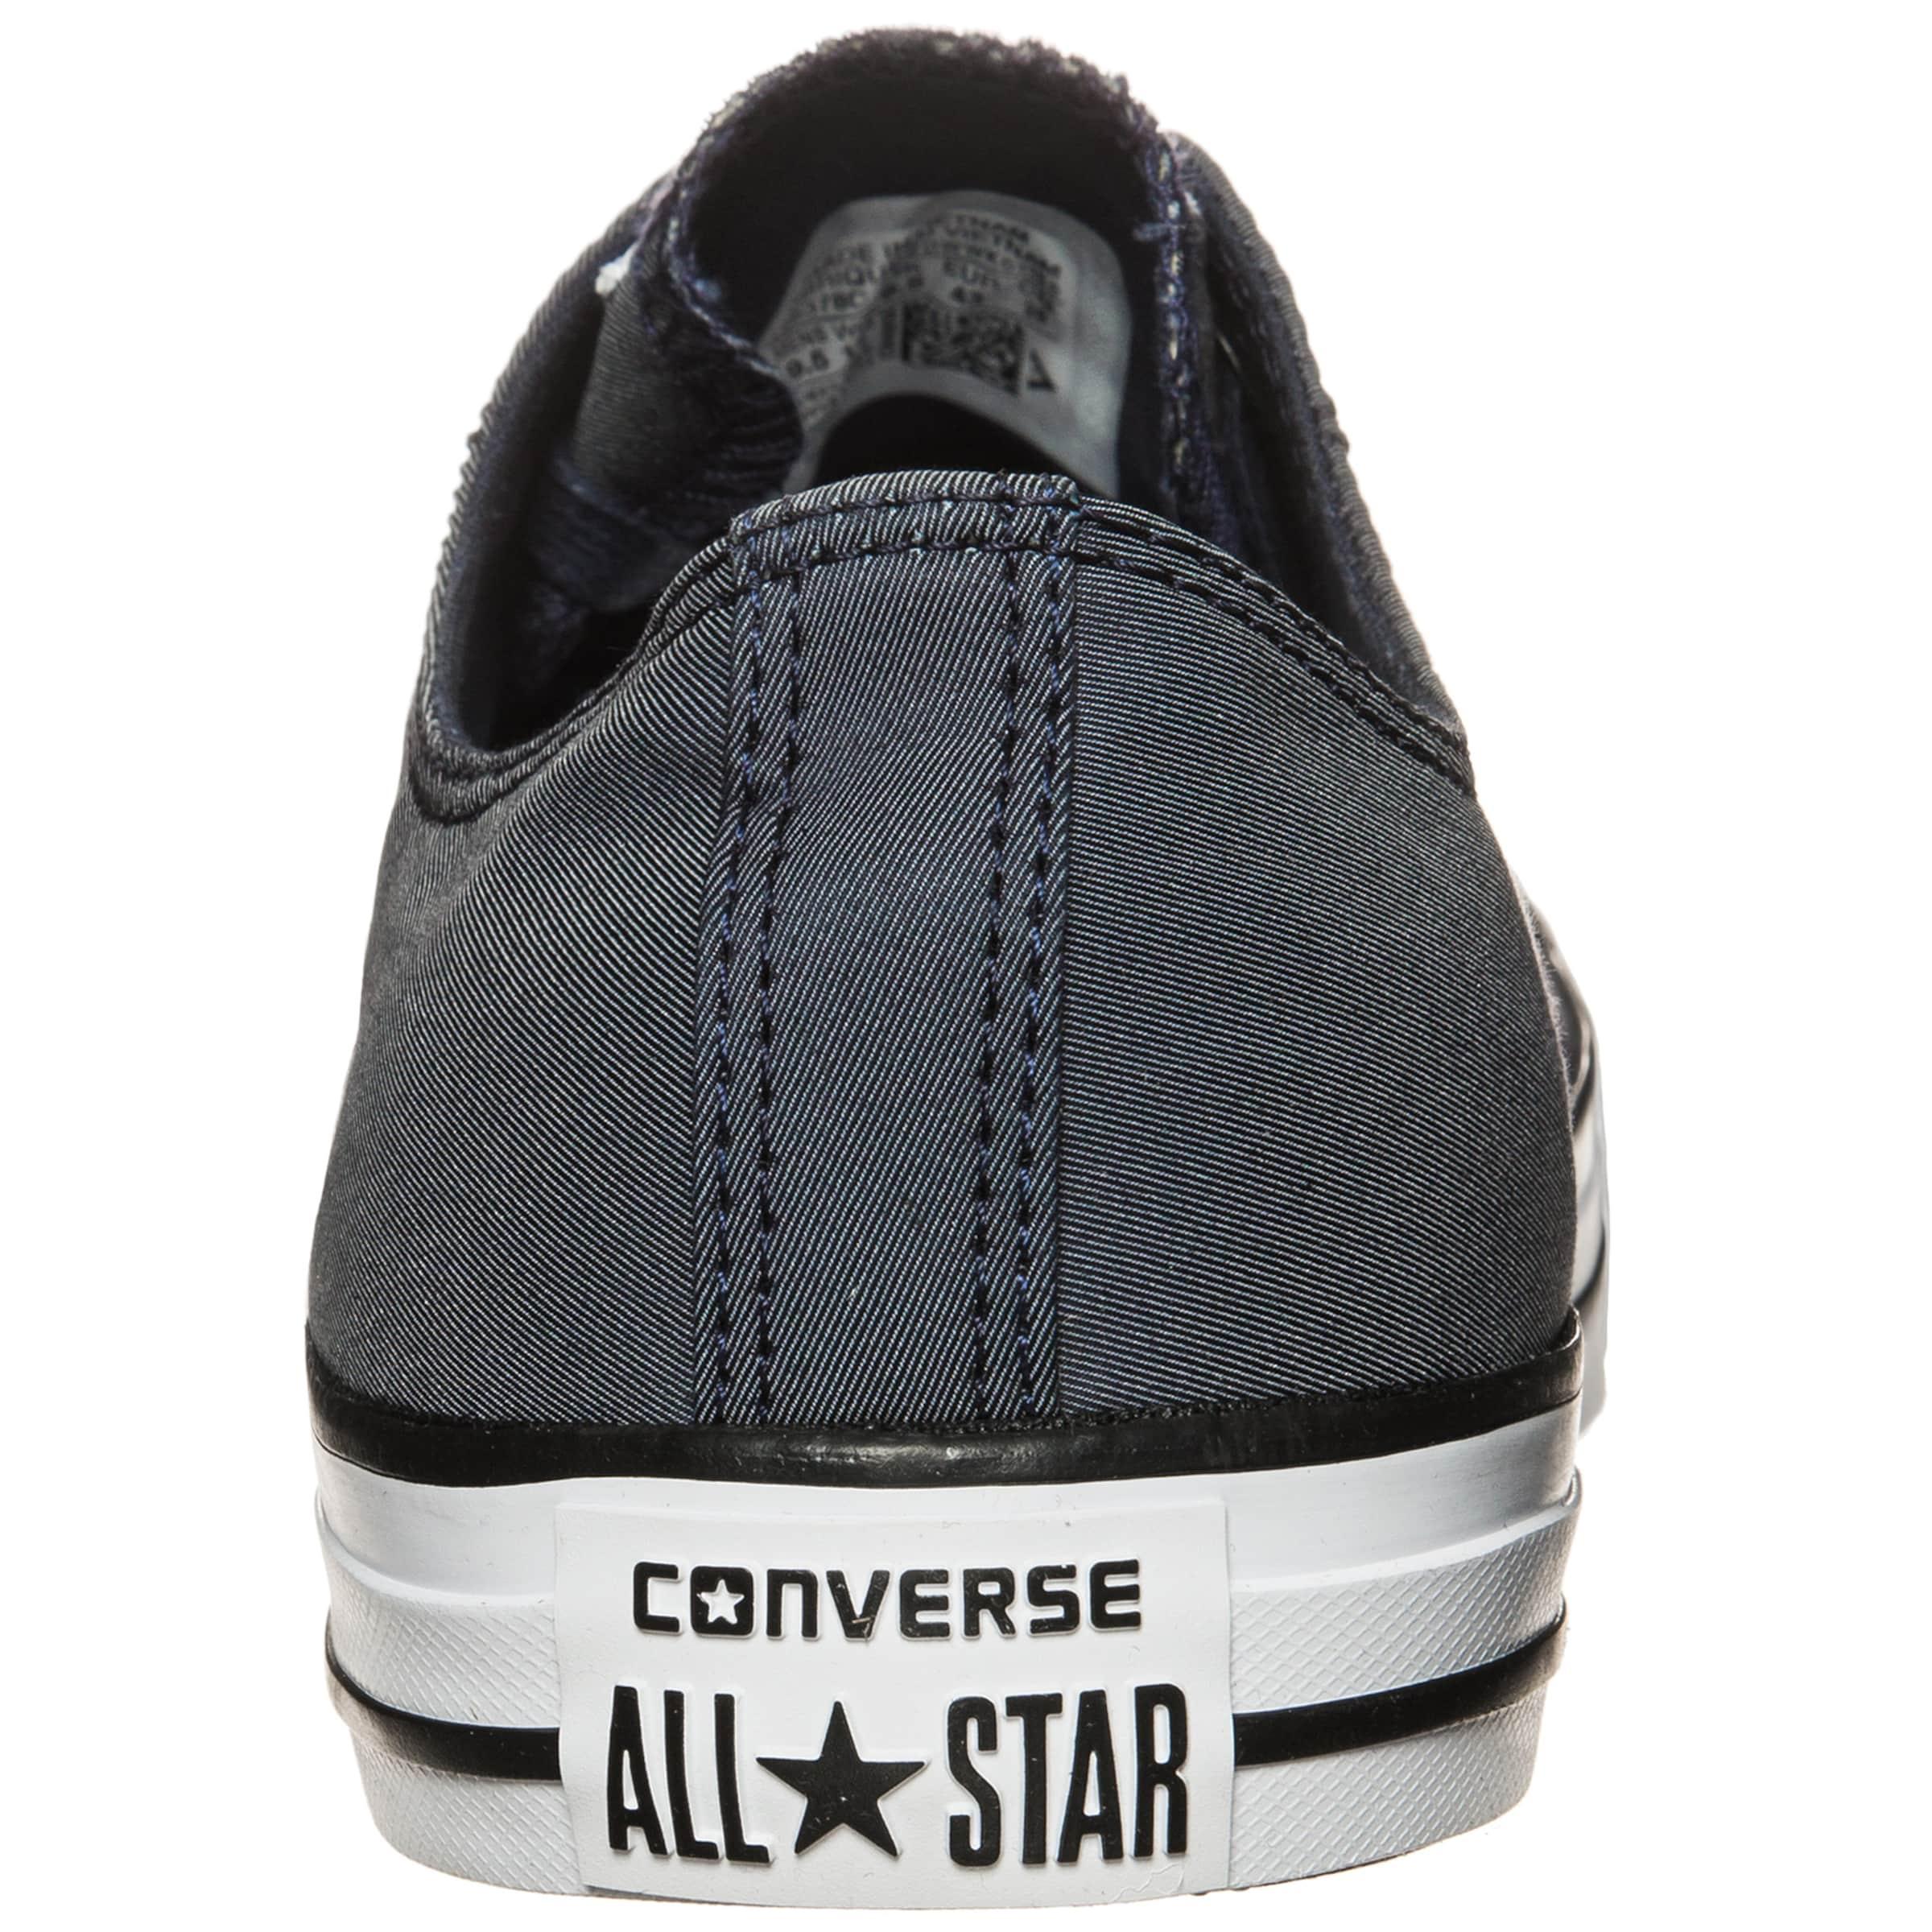 CONVERSE Sneaker 'Chuck Taylor All Star OX' Günstig Kaufen 2018 Unisex Für Schön Zu Verkaufen Freies Verschiffen Ursprüngliche Günstig Kaufen Footlocker Bilder tTbP3eGOeB